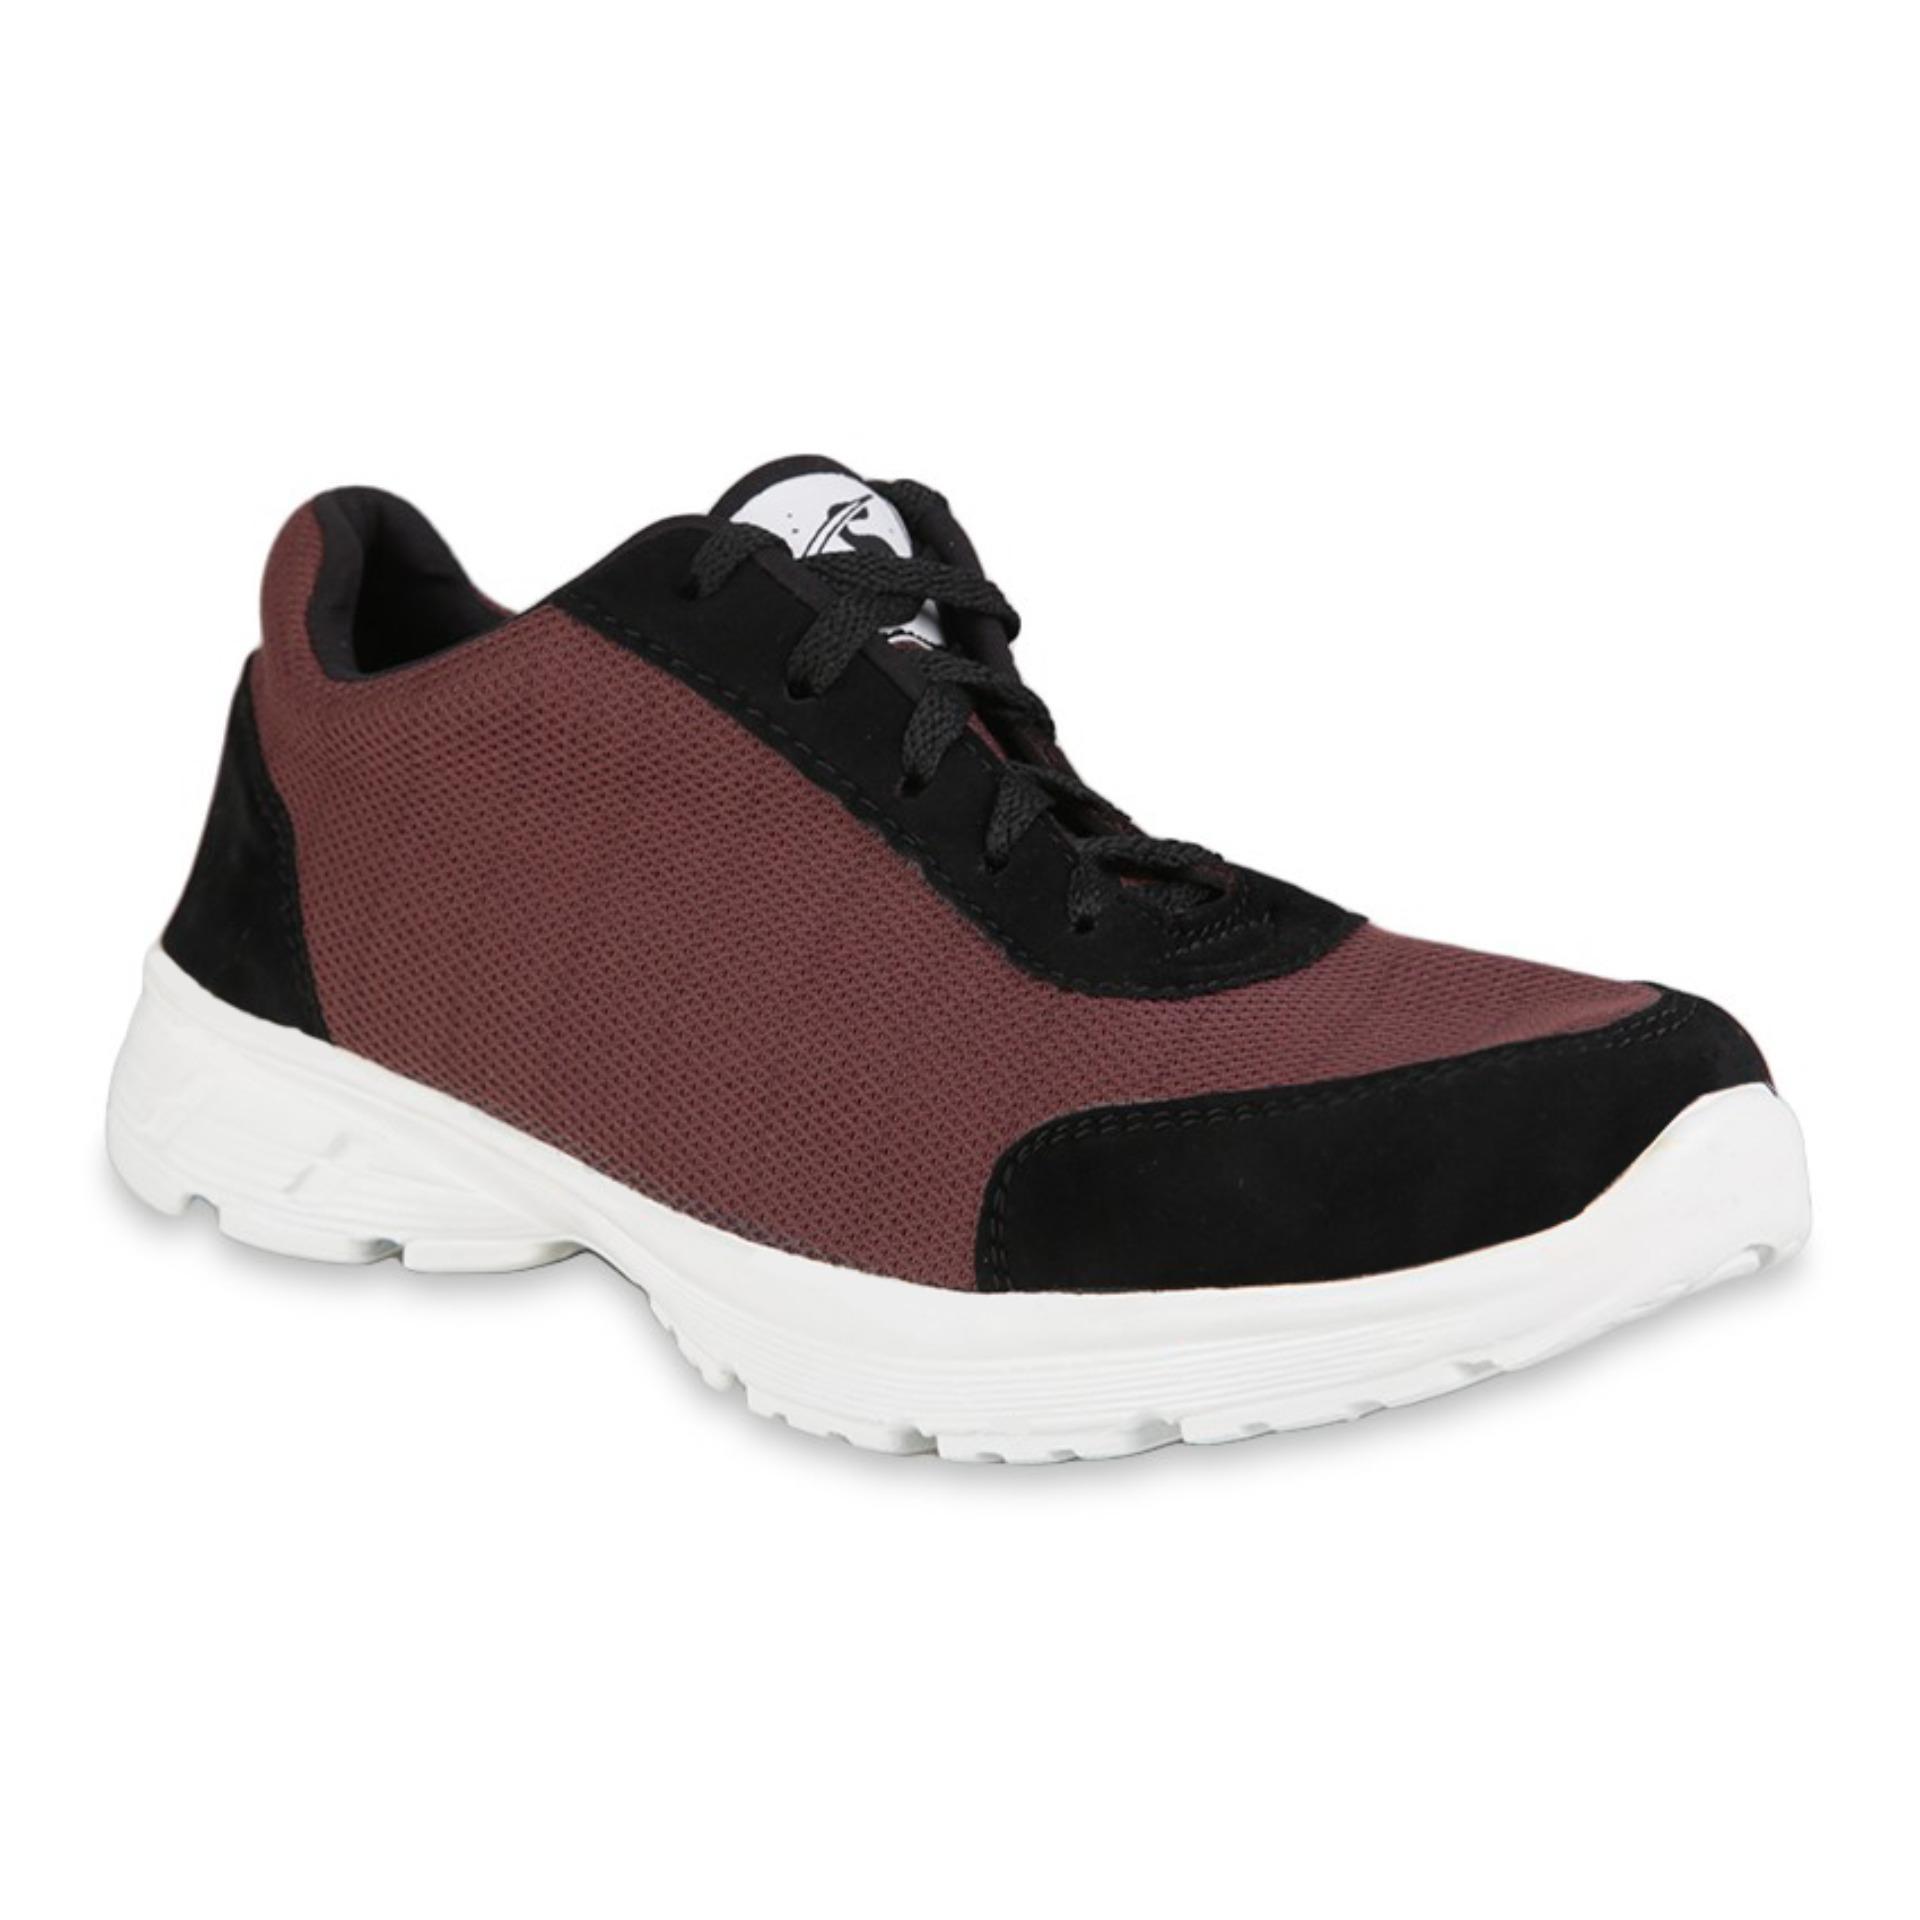 Sepatu Tali Kantor Pria Kulit Asli Bukan Sintetis Tekstur Serat Kayu  Pantofel Size Ukuran Lengkap Dari Likers Sepatu Sneaker Pria A-001   Sepatu  Sneaker ... 9566b8c25c